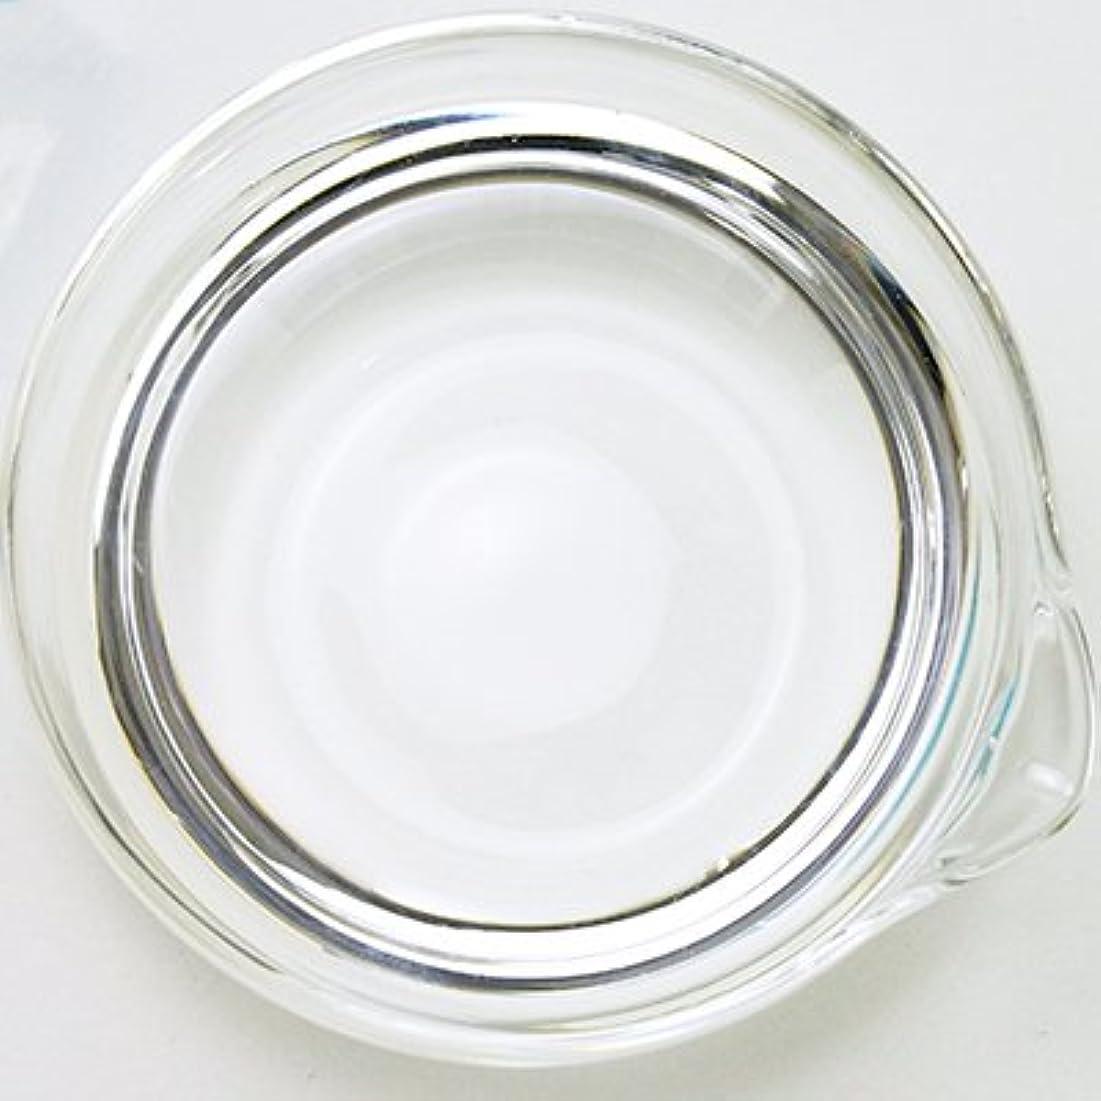 第アラブ一般的にホワイトオリーブオイル [吸着精製オリーブオイル] 1L 【手作り石鹸/手作りコスメ/ピュアオリーブオイル】